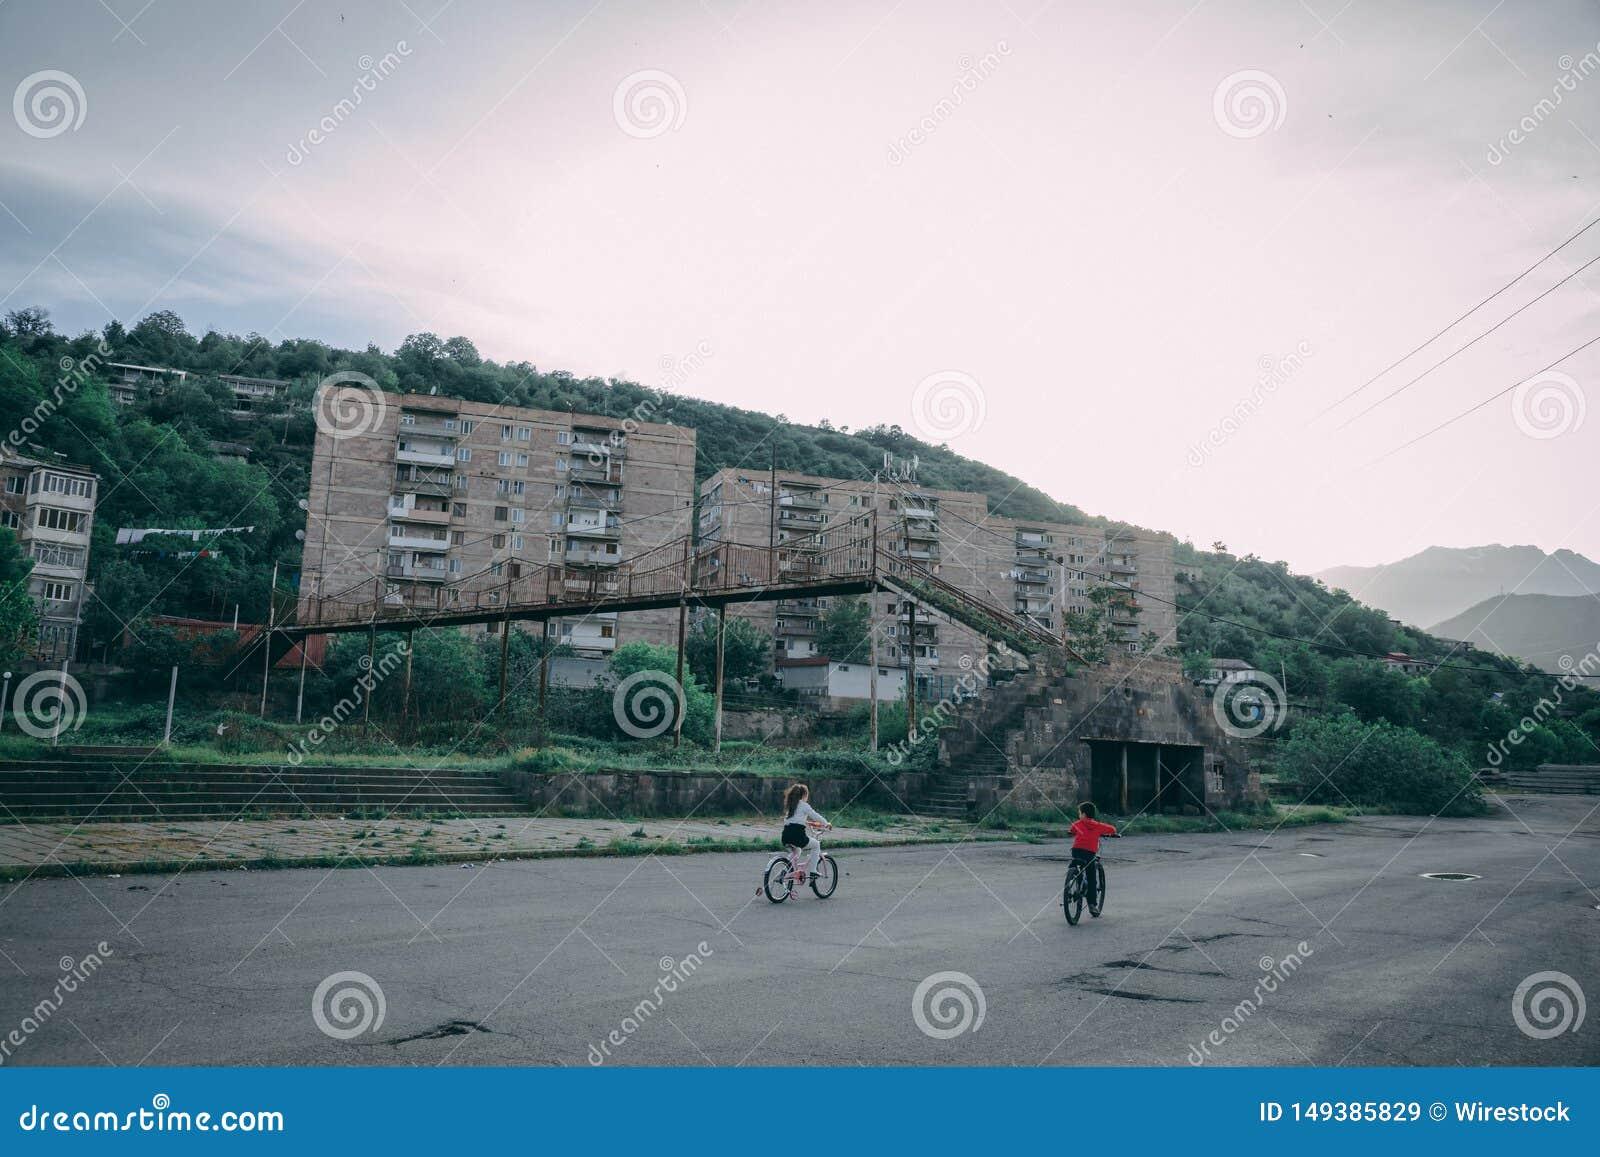 Crian?as que montam bicicletas no parque de uma cidade suburbana